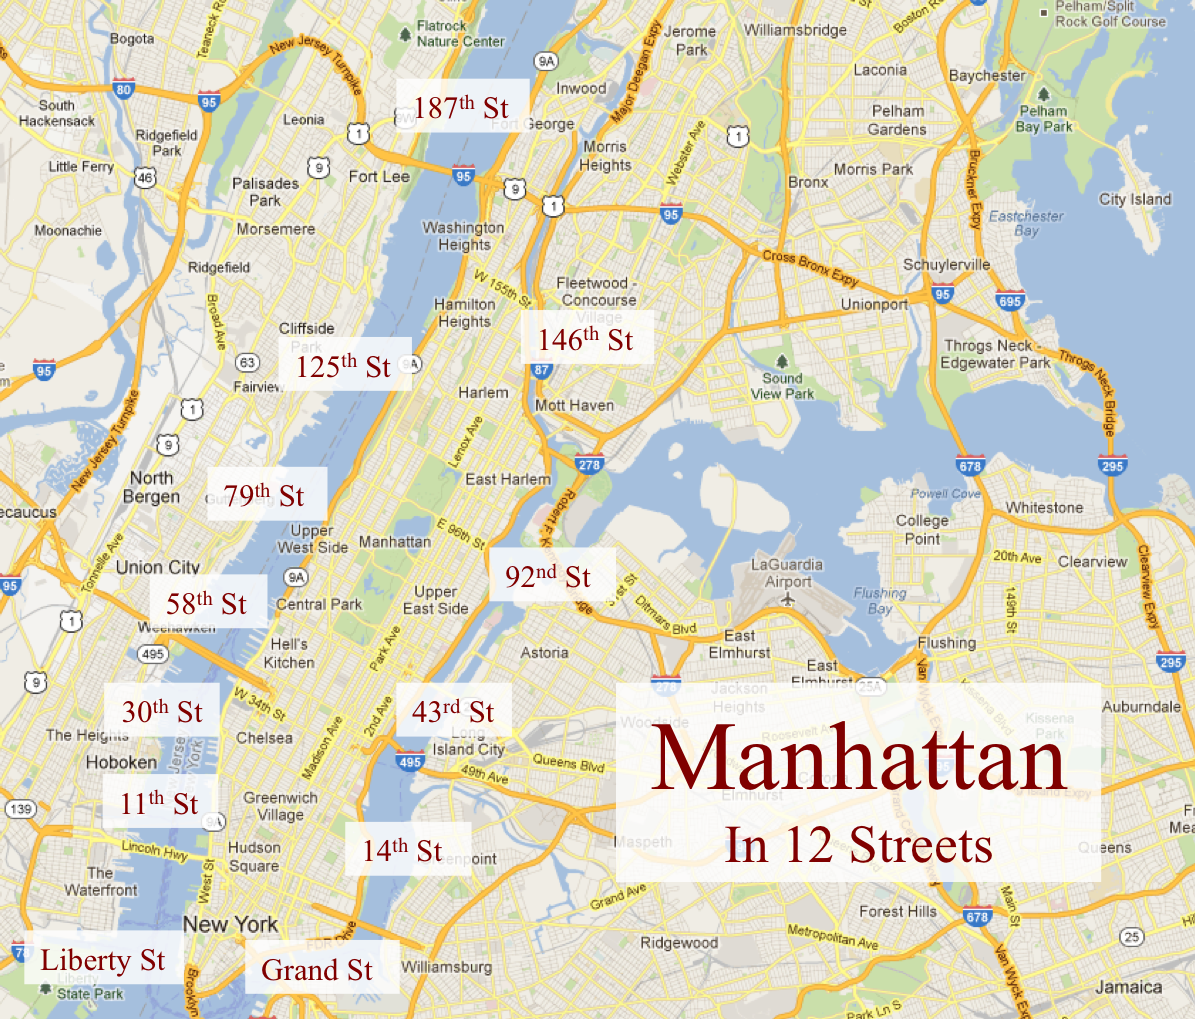 Manhattan Streets: Manhattan In 12 Streets